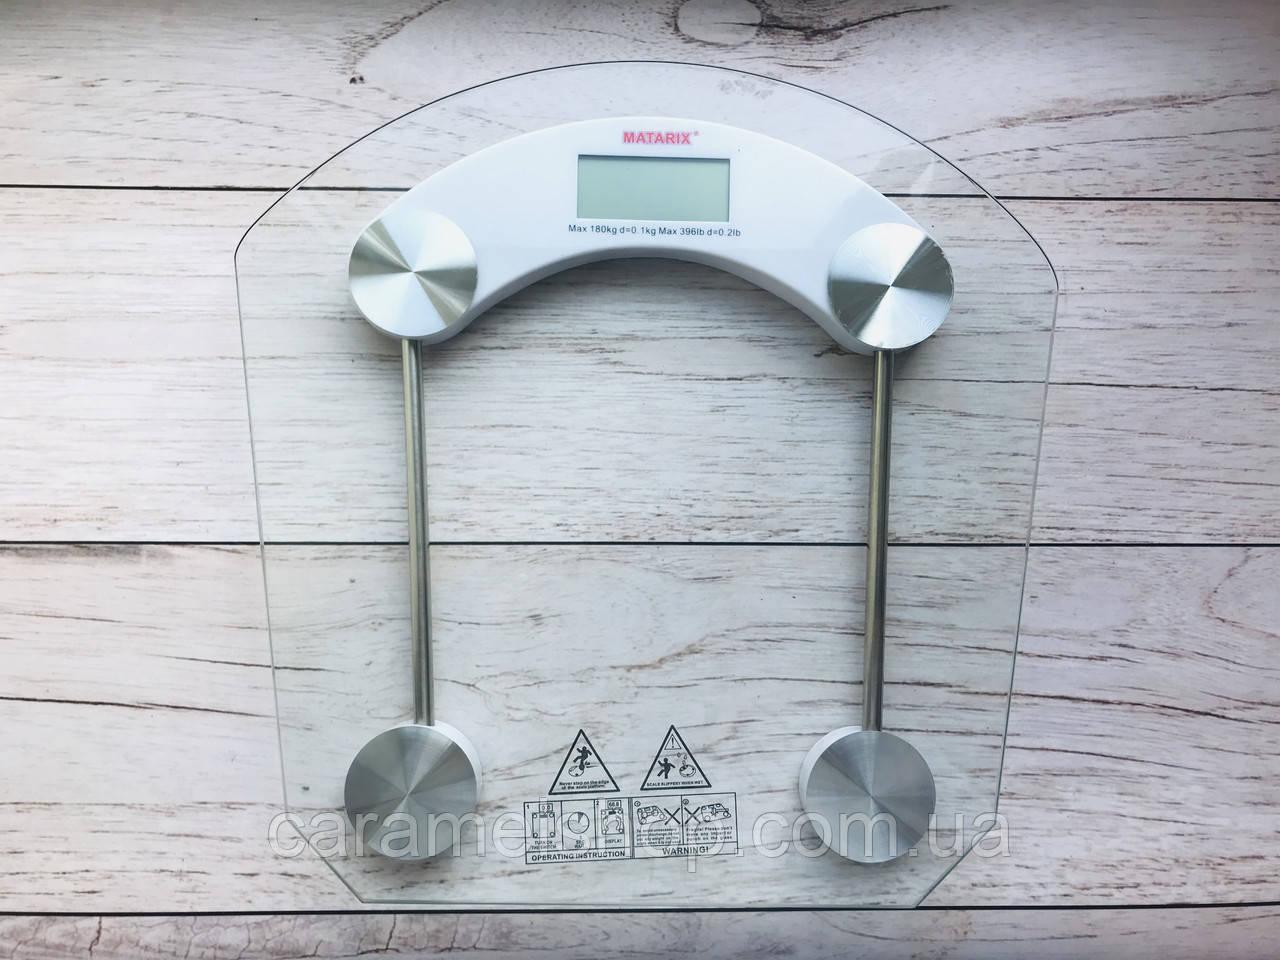 Весы напольные прозрачные MATARIX MX-451B max 180 кг